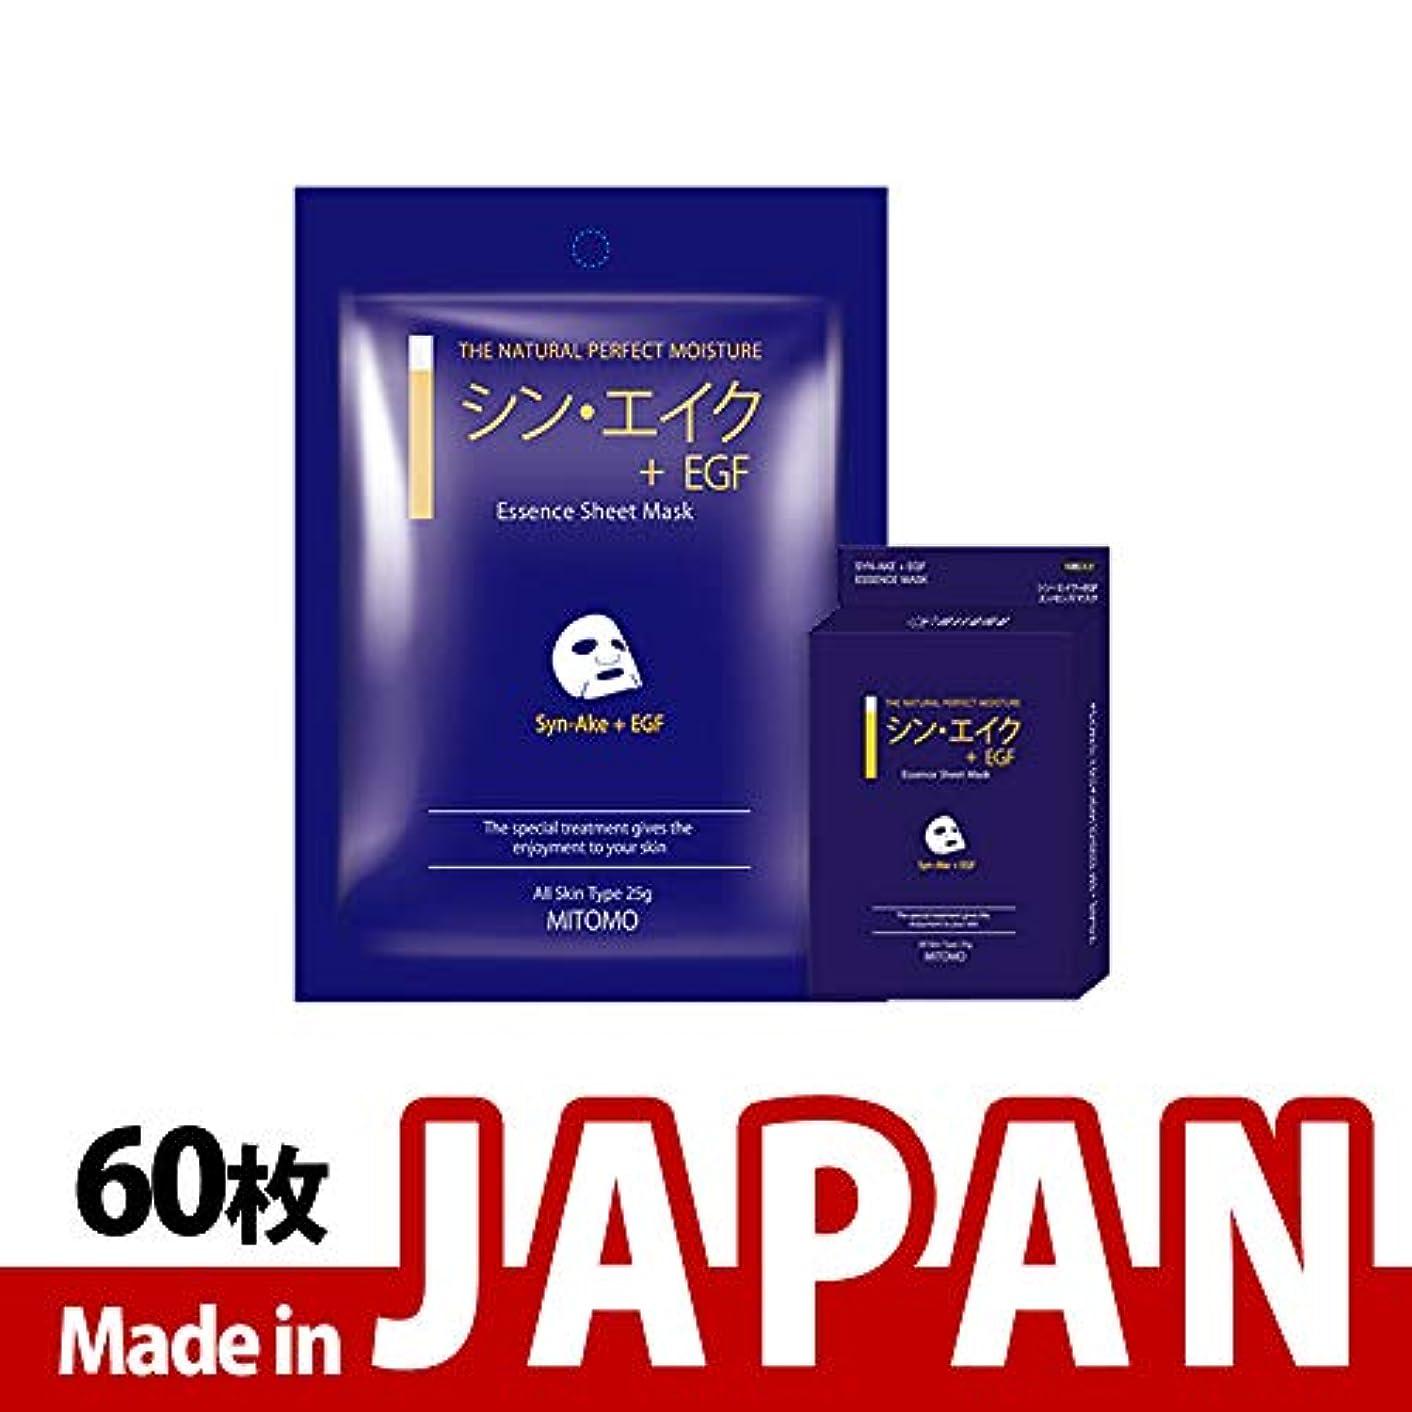 と組むはげ検出MITOMO【MC001-A-3】日本製シートマスク/10枚入り/60枚/美容液/マスクパック/送料無料